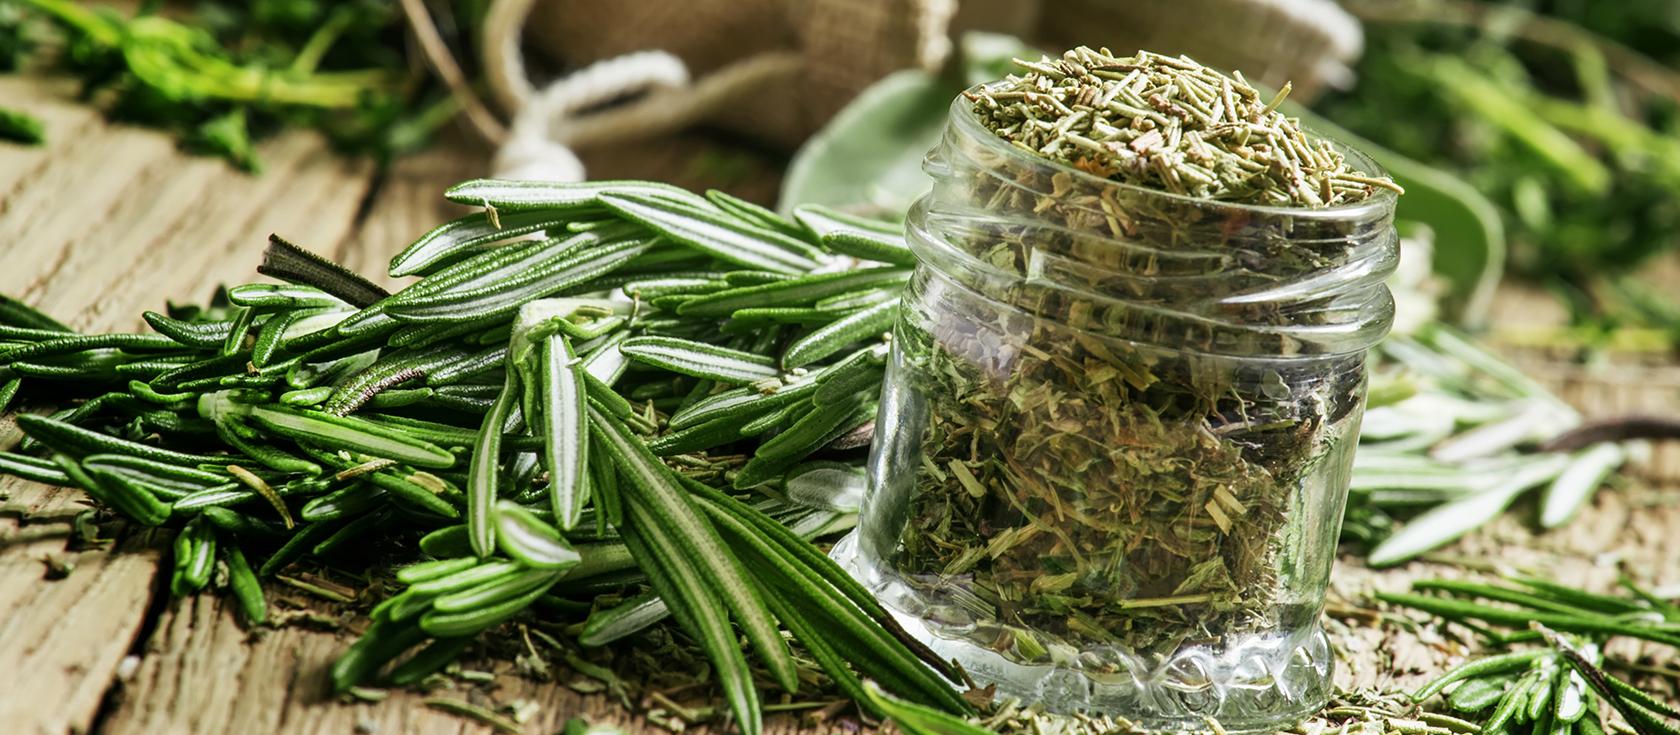 Какой запах у розмарина: уникальные свойства аромата